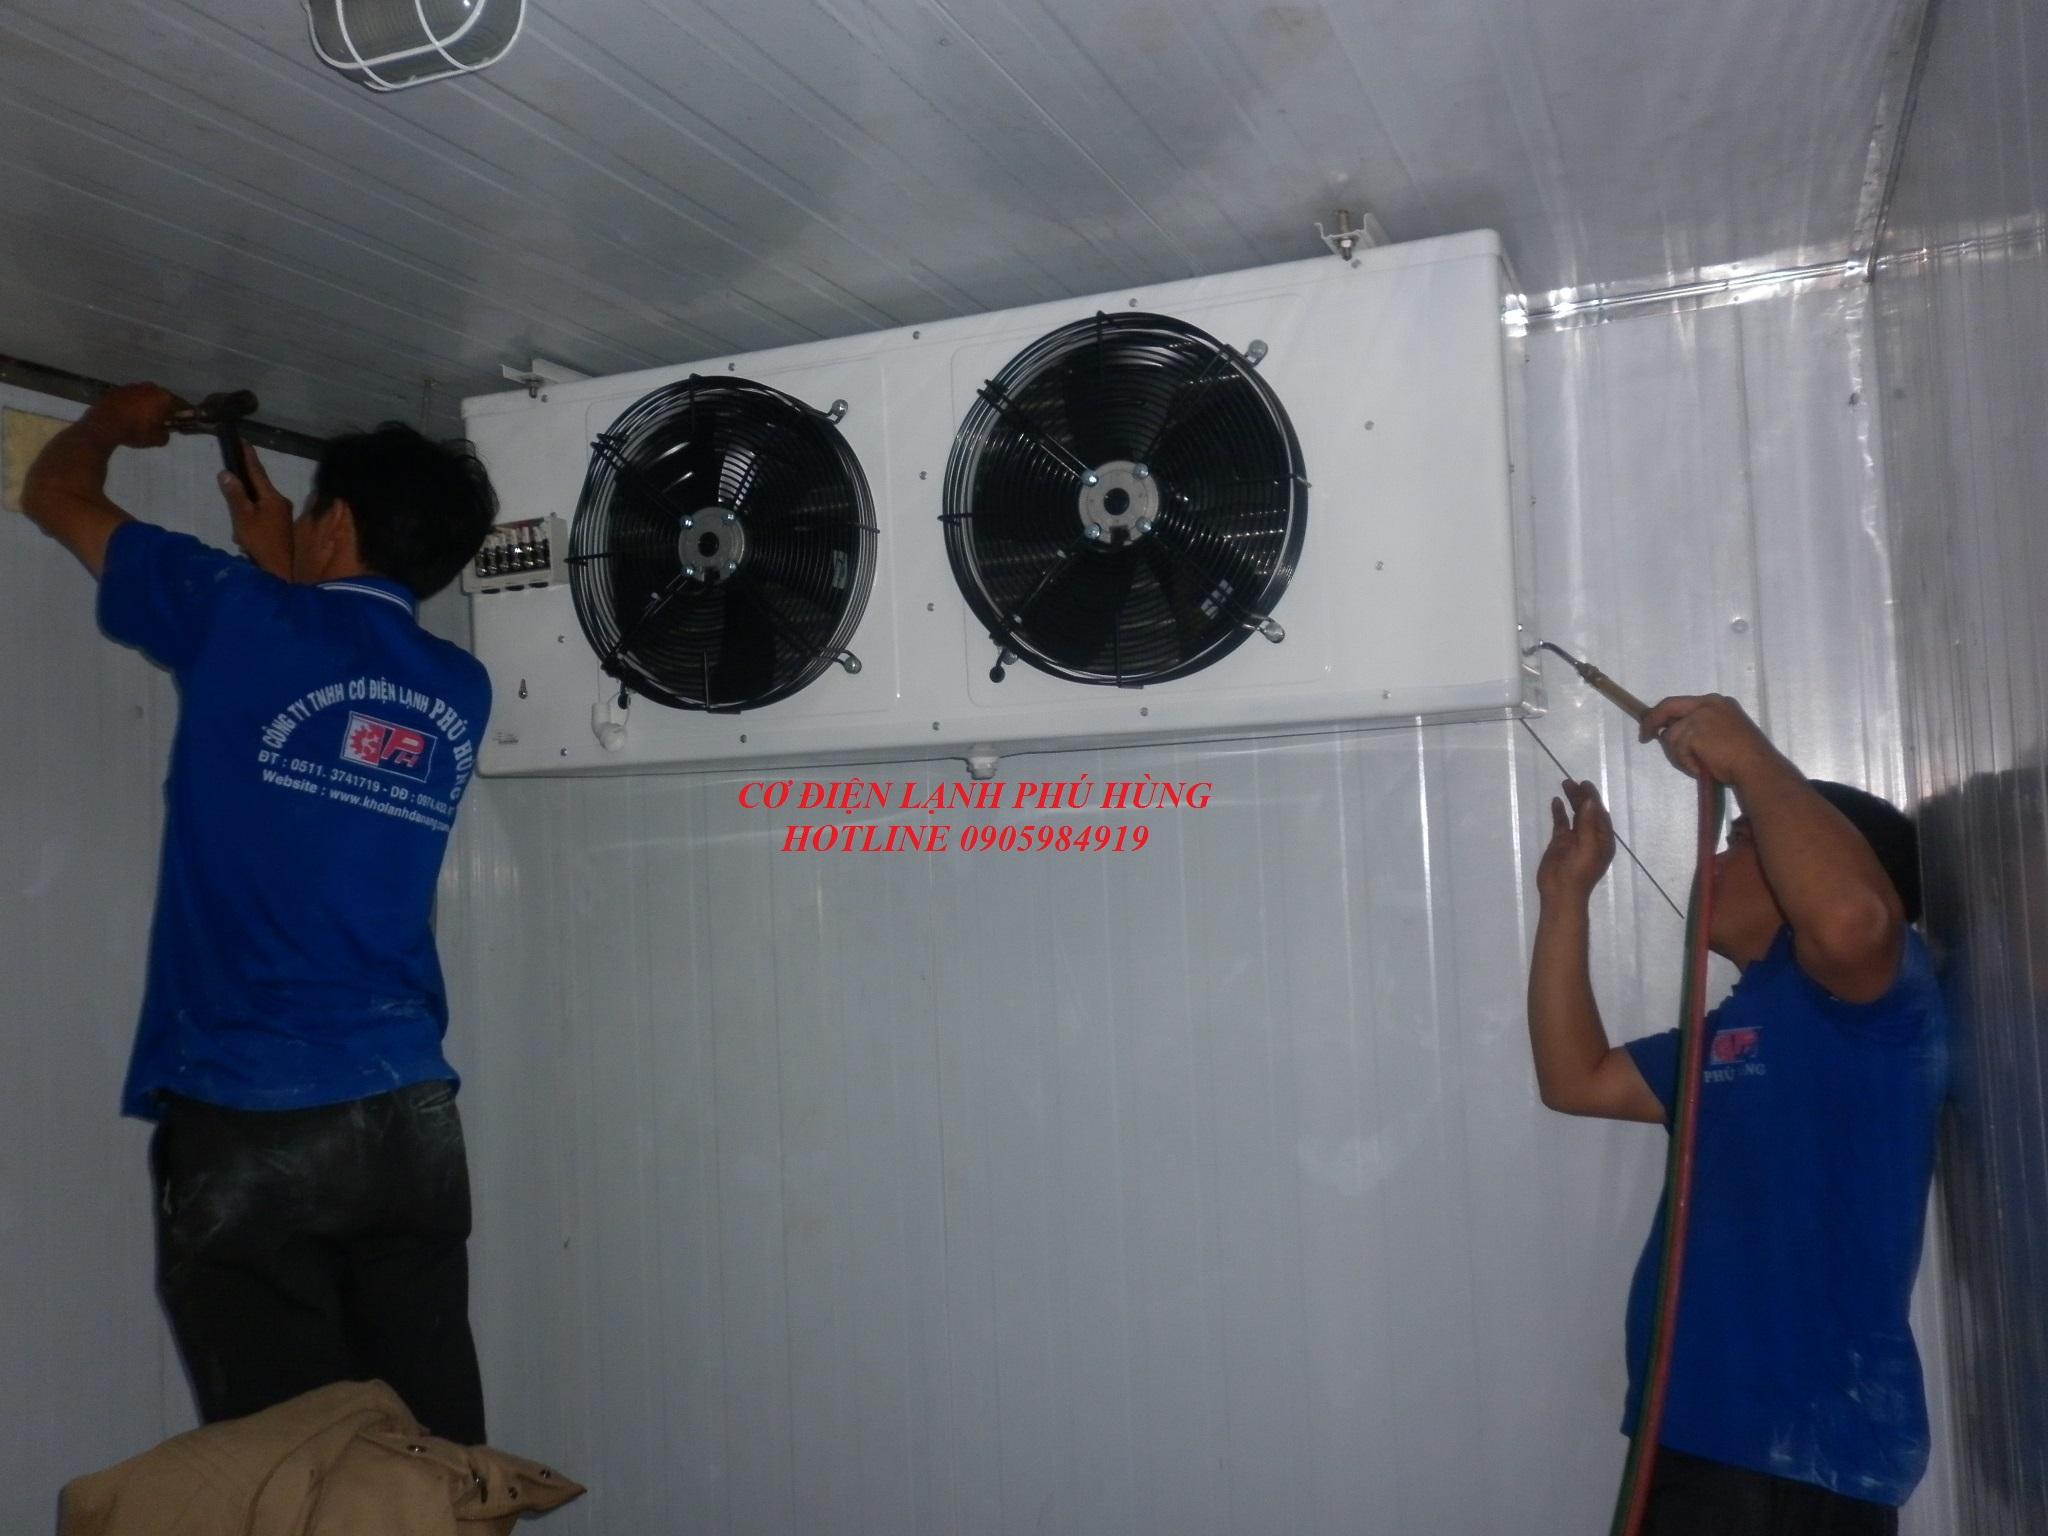 5 Dàn lạnh công nghiệp Đà Nẵng